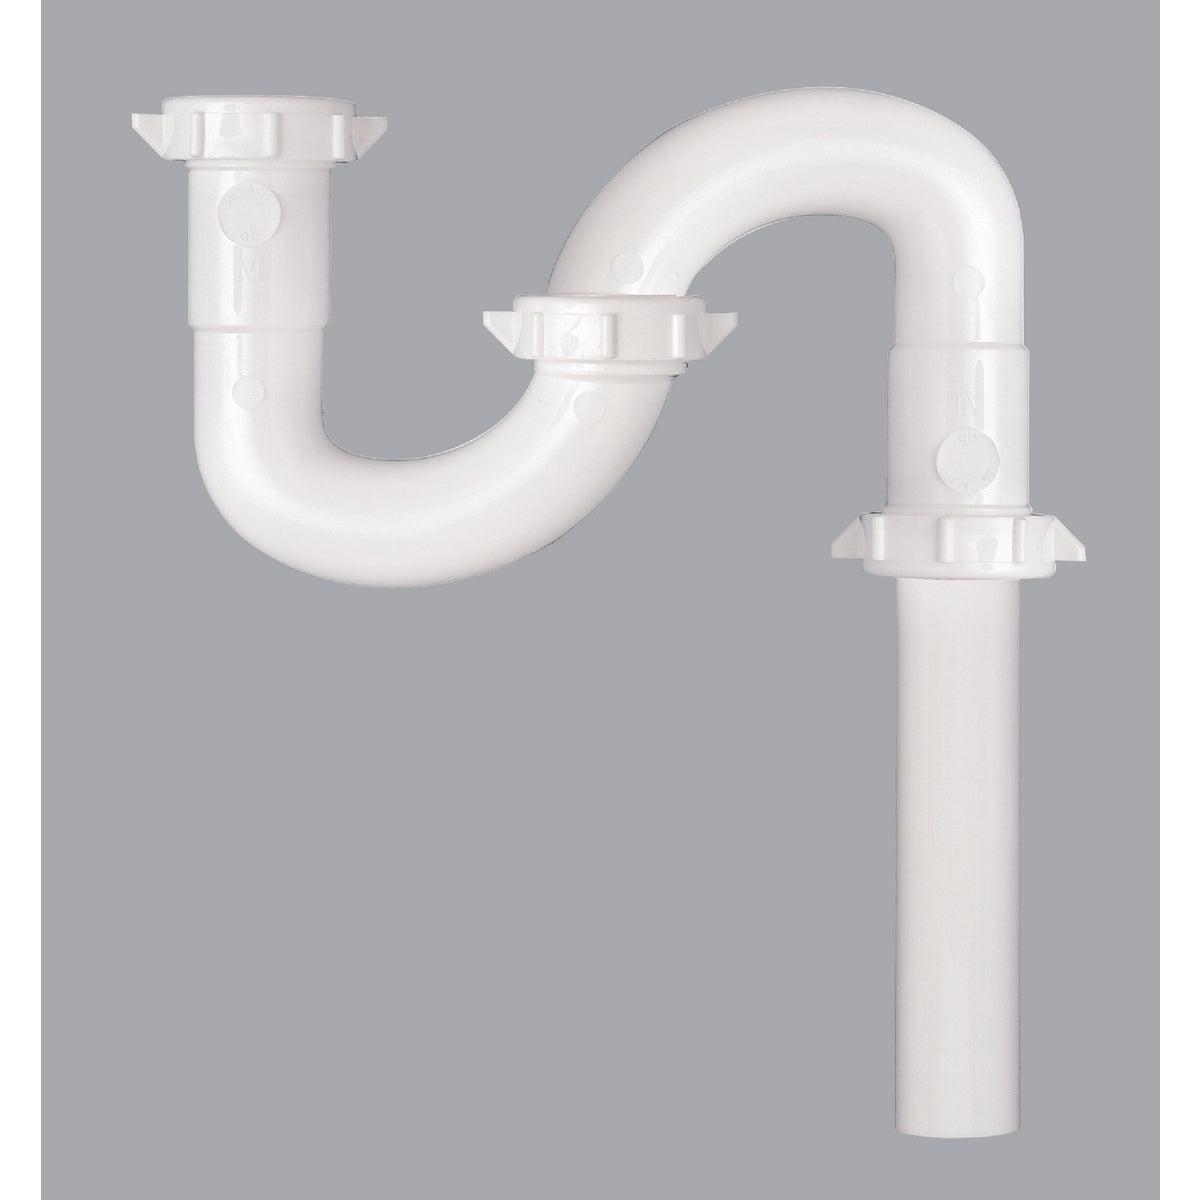 Plumb Pak/Keeney Mfg. 1-1/2 WHT PLASTIC S-TRAP 700WK